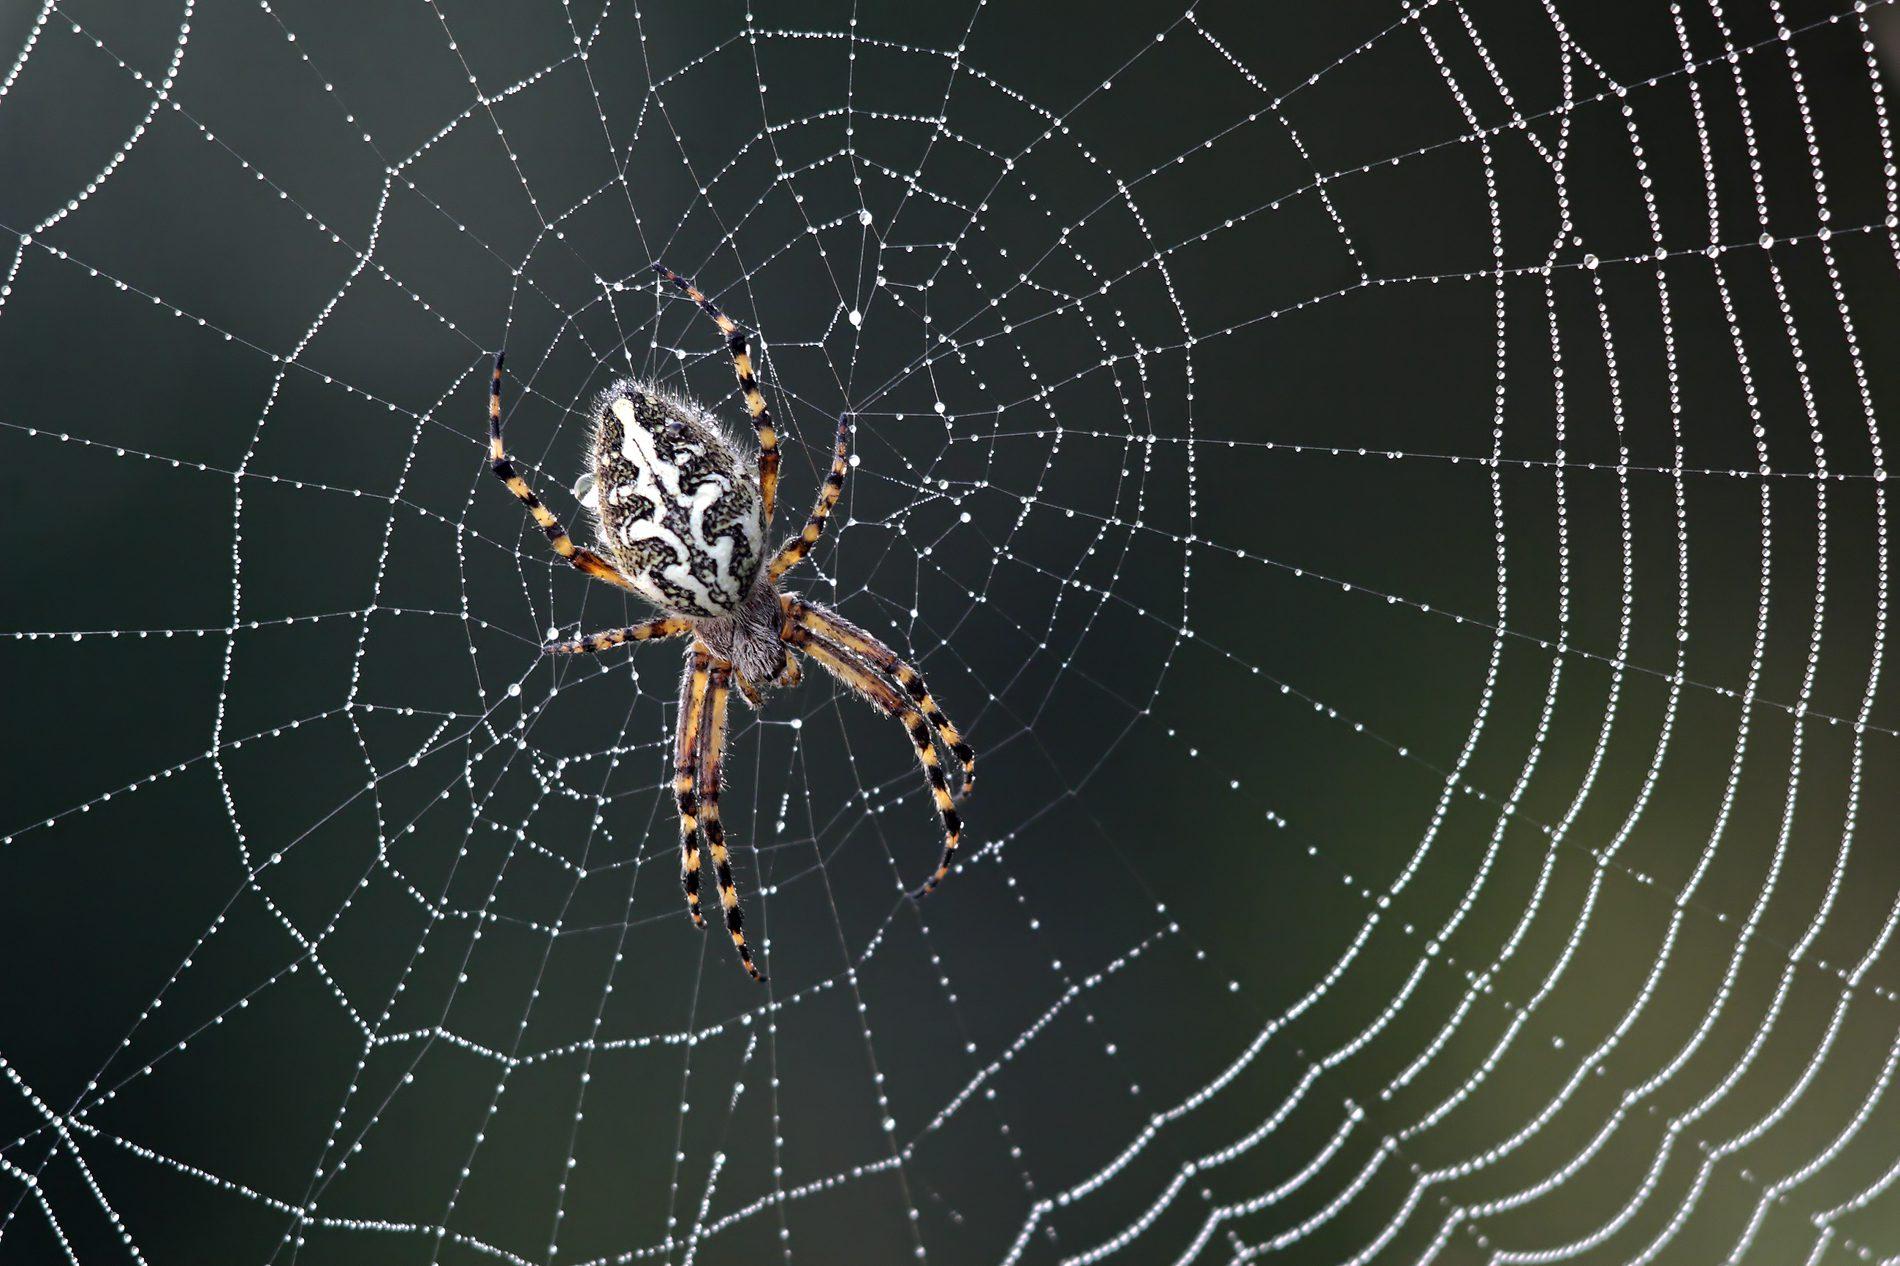 วิธีปฐมพยาบาล เมื่อโดน แมงมุมกัด ภัยร้ายใกล้ตัวที่คุณควรระวัง!!